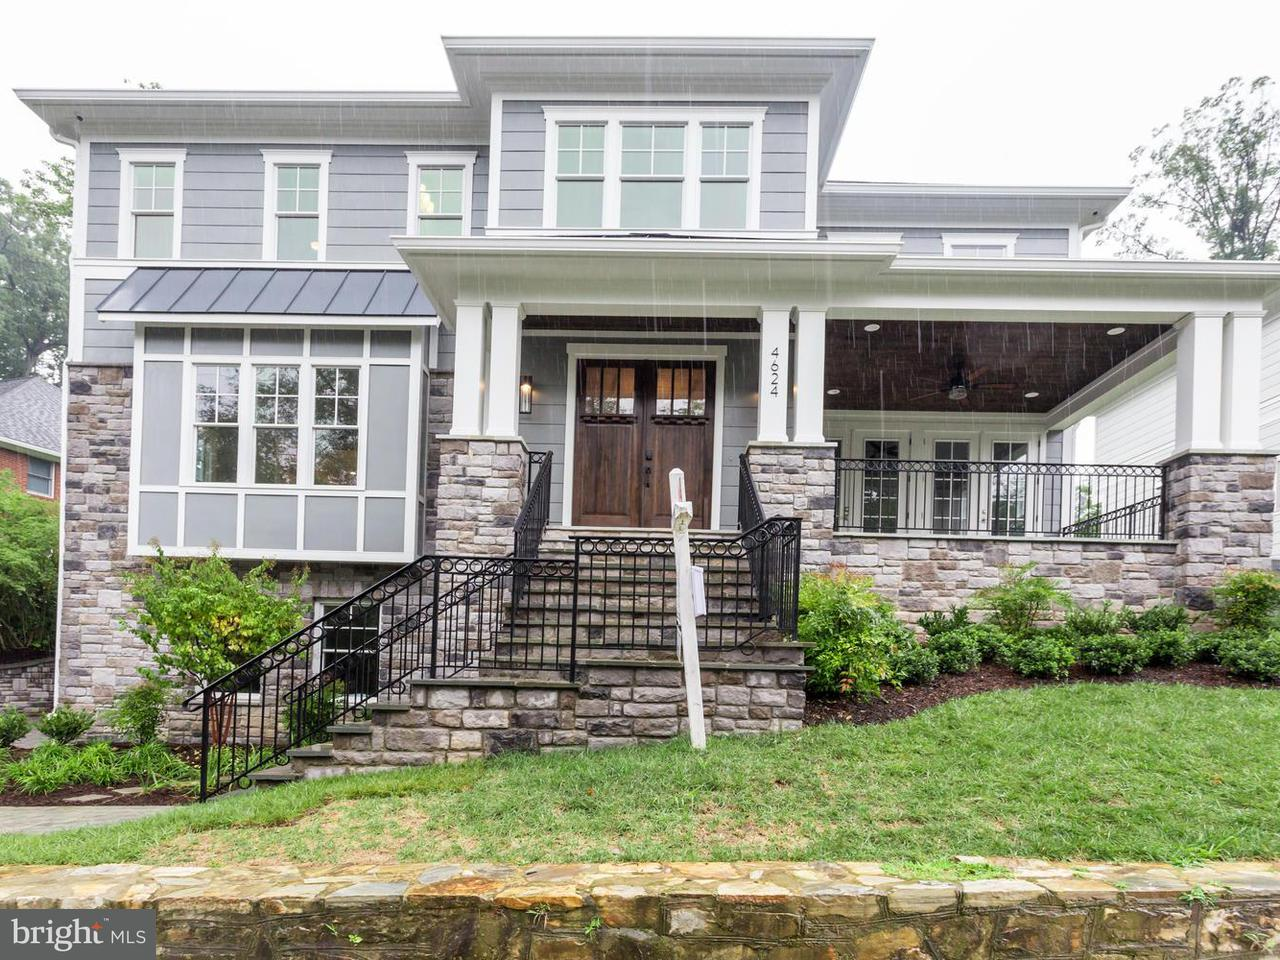 Single Family Home for Sale at 4624 Dittmar Rd N 4624 Dittmar Rd N Arlington, Virginia 22207 United States